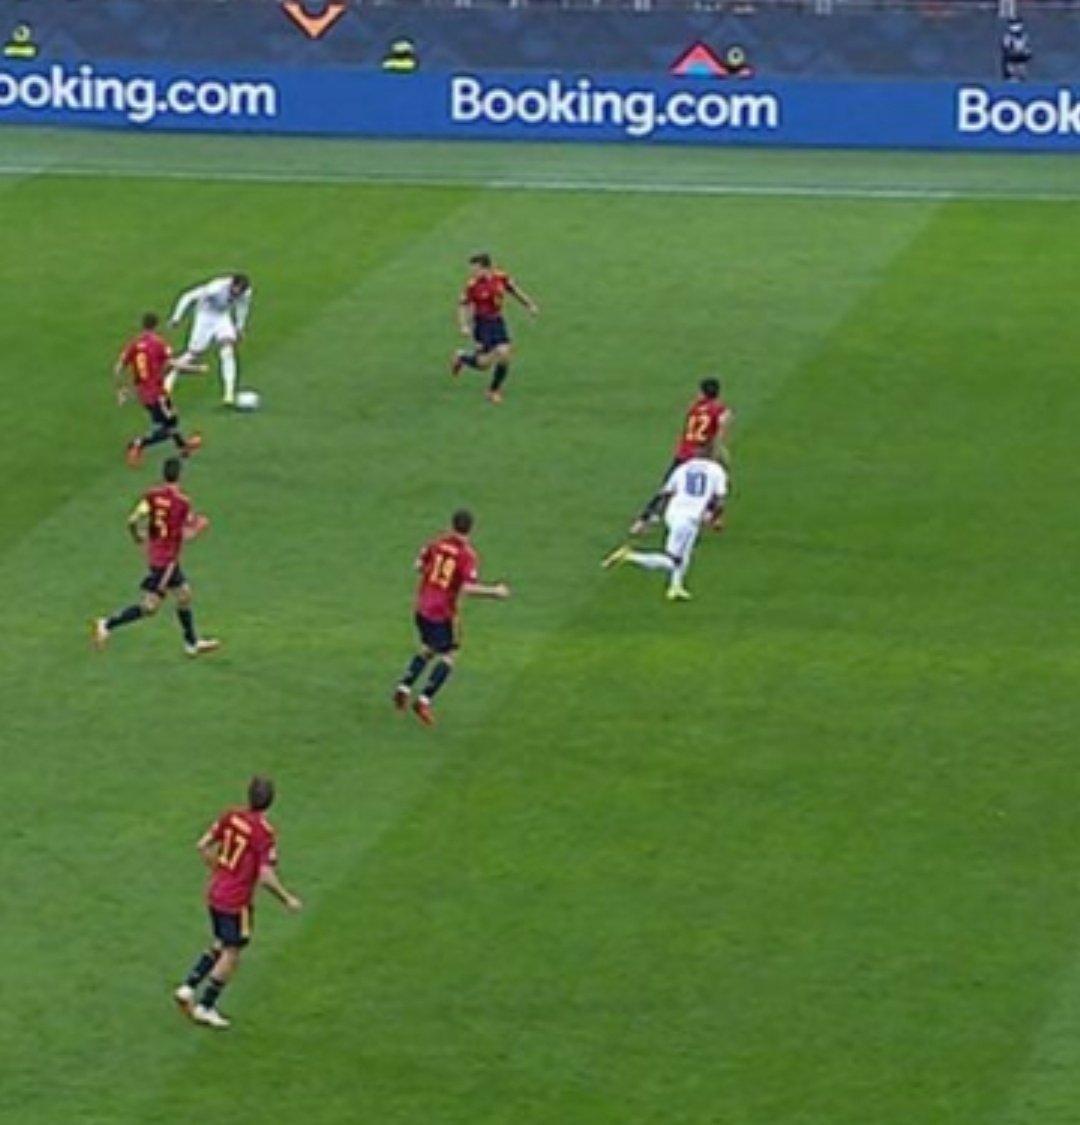 Mbappe có việt vị trong bàn thắng của đội tuyển Pháp? - Ảnh 2.